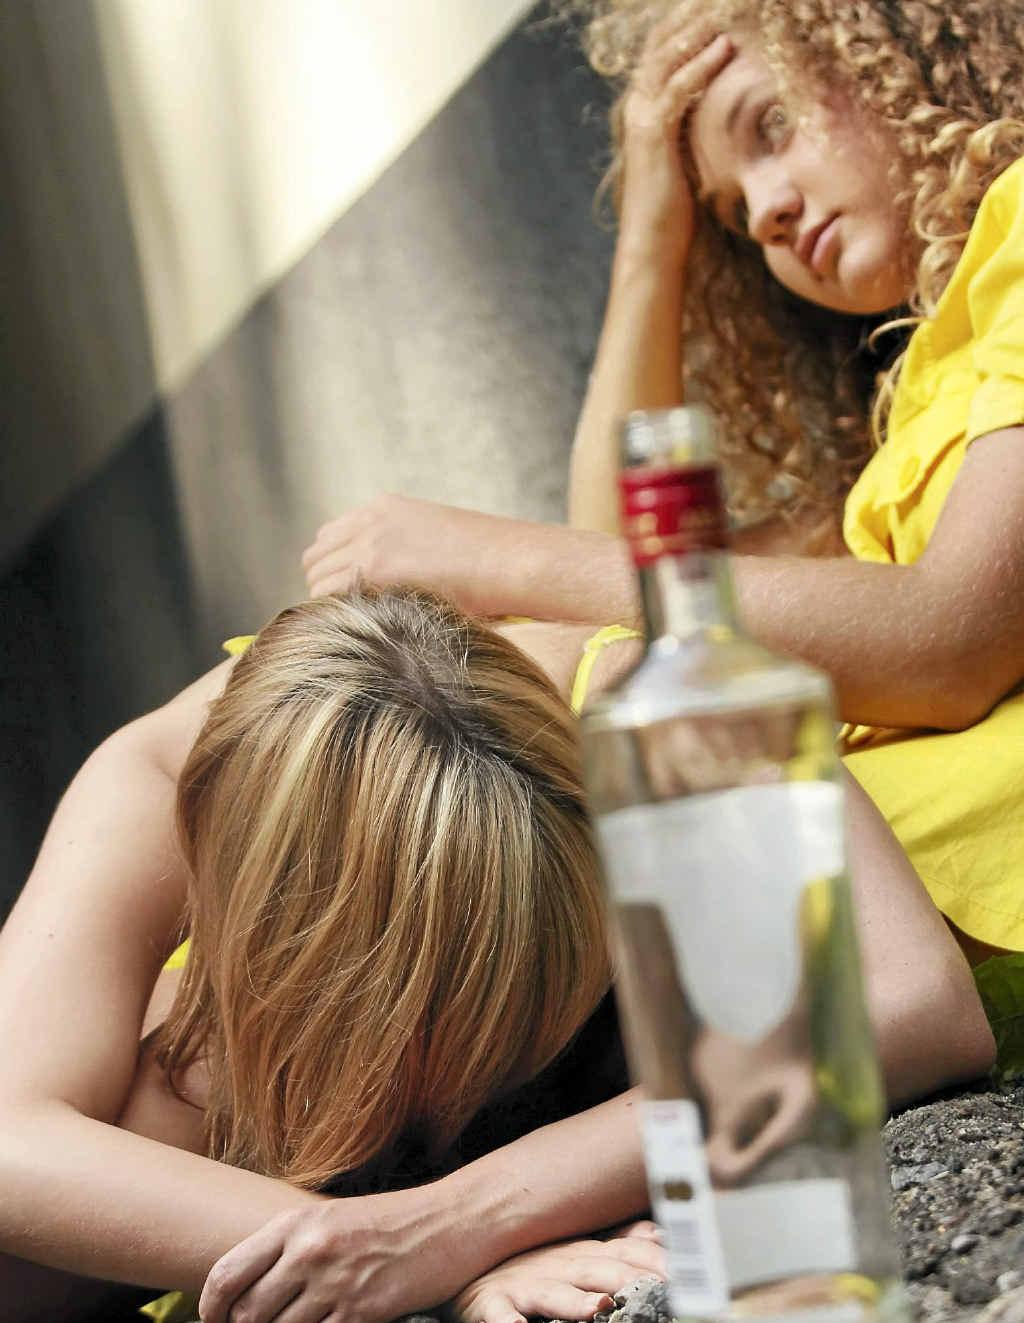 Какие есть лекарства для того чтобы бросить пить алкоголь